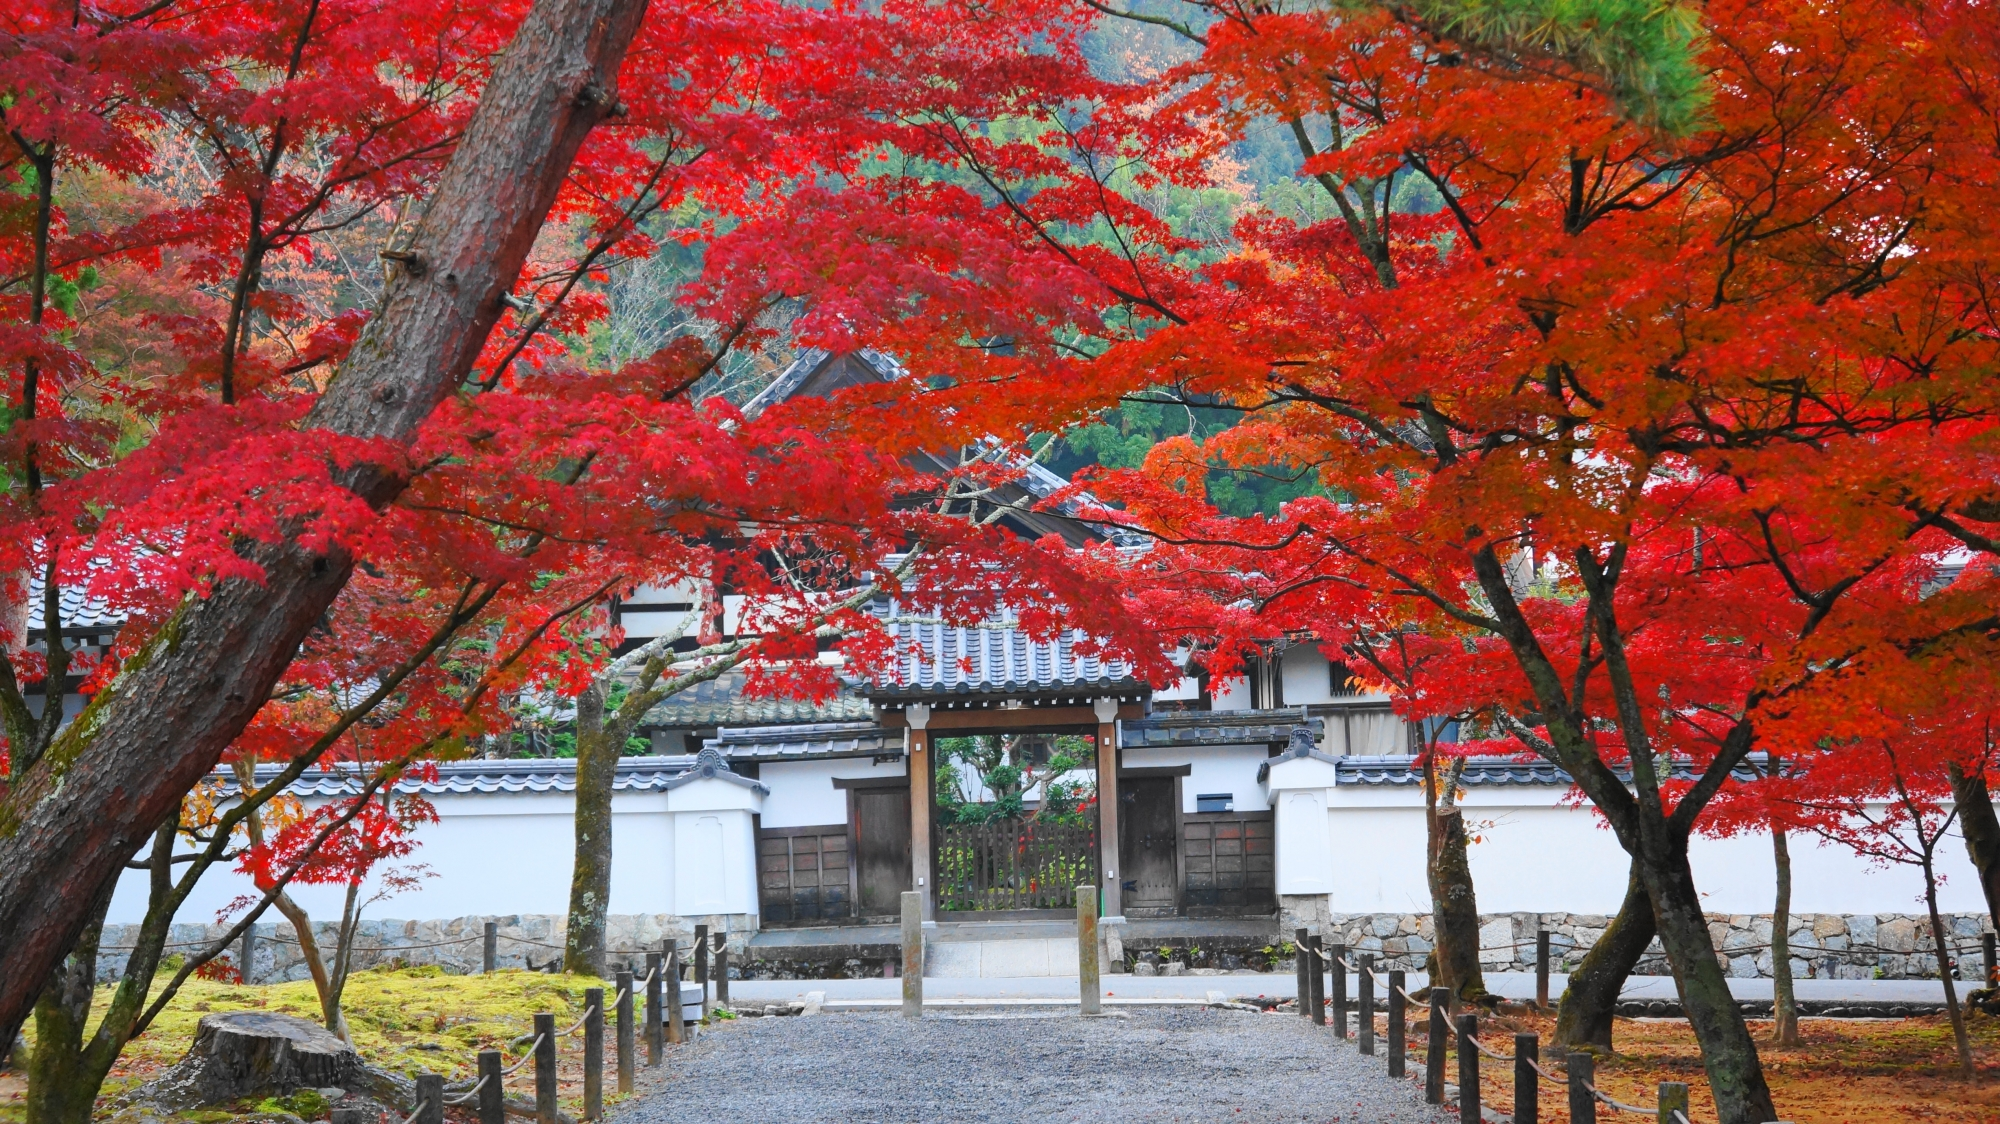 鮮やかな紅葉のトンネルの先に佇む正因庵